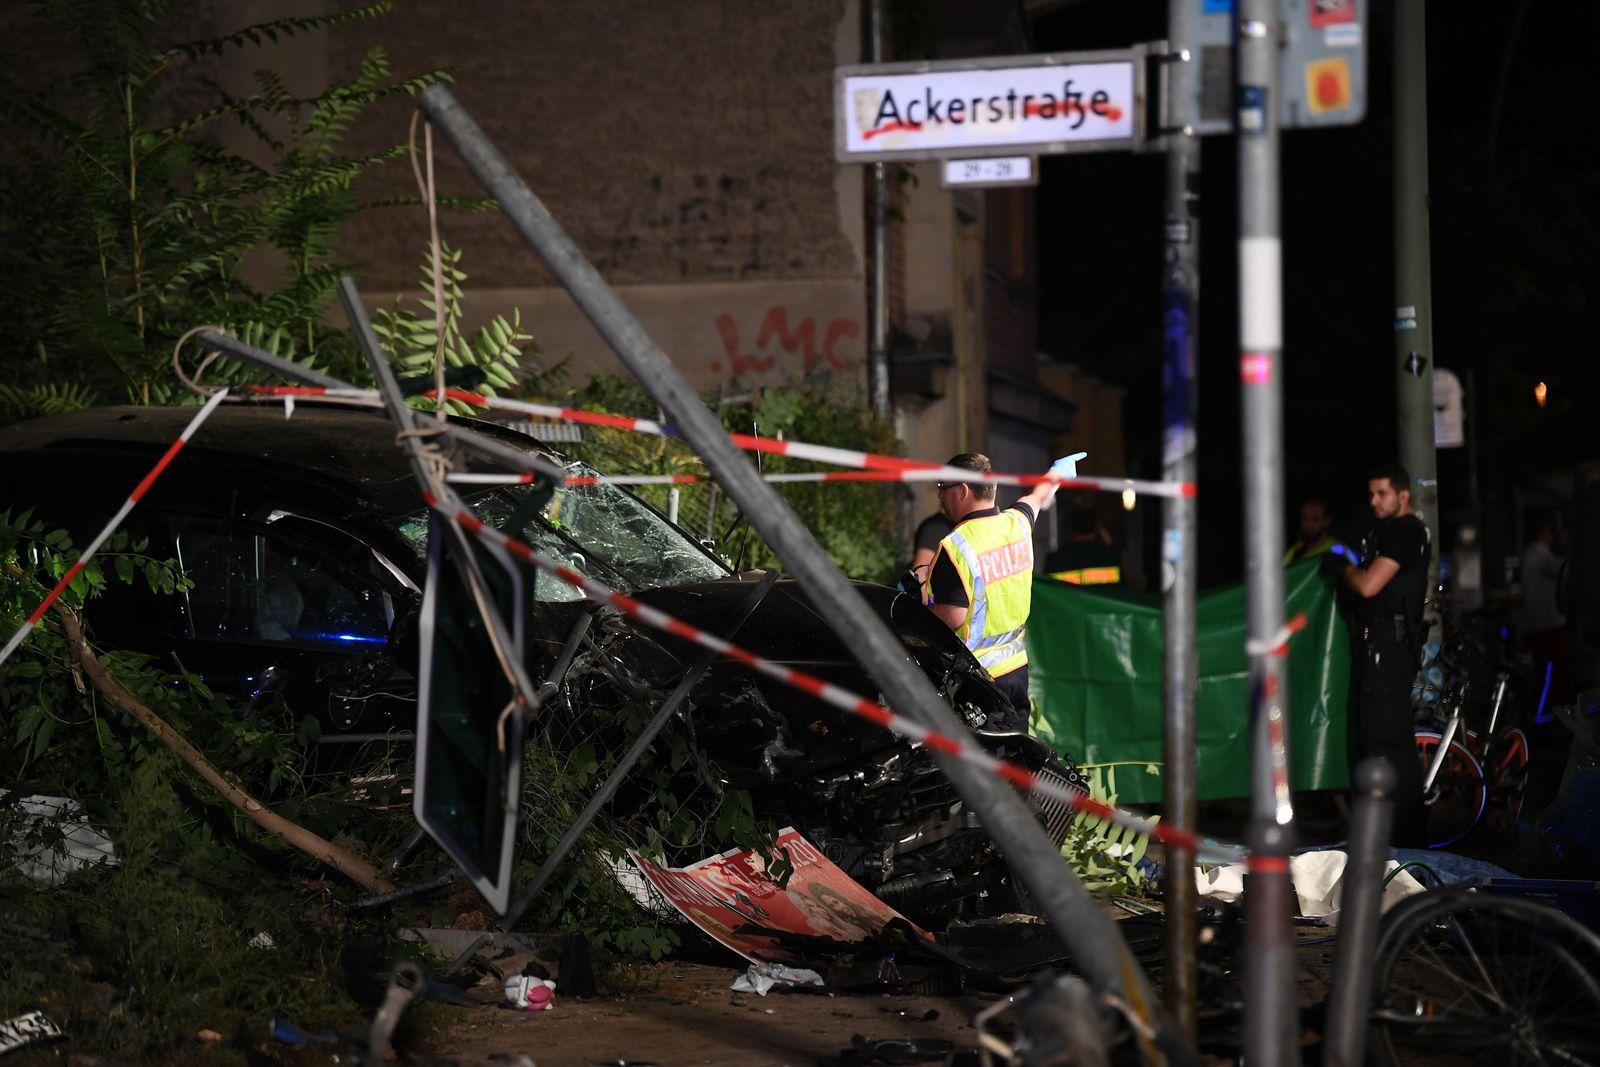 Anklage nach SUV-Unfall mit vier Toten in Berlin erhoben